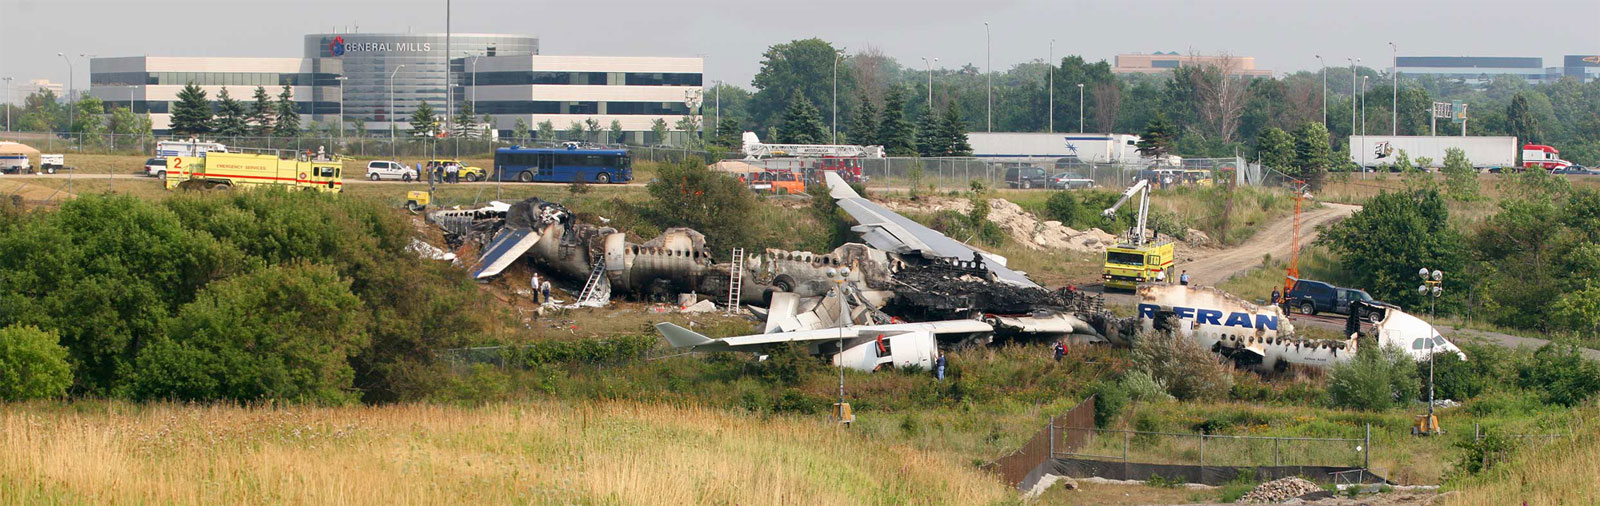 Image de l'airbus A 340 un jour après son crash